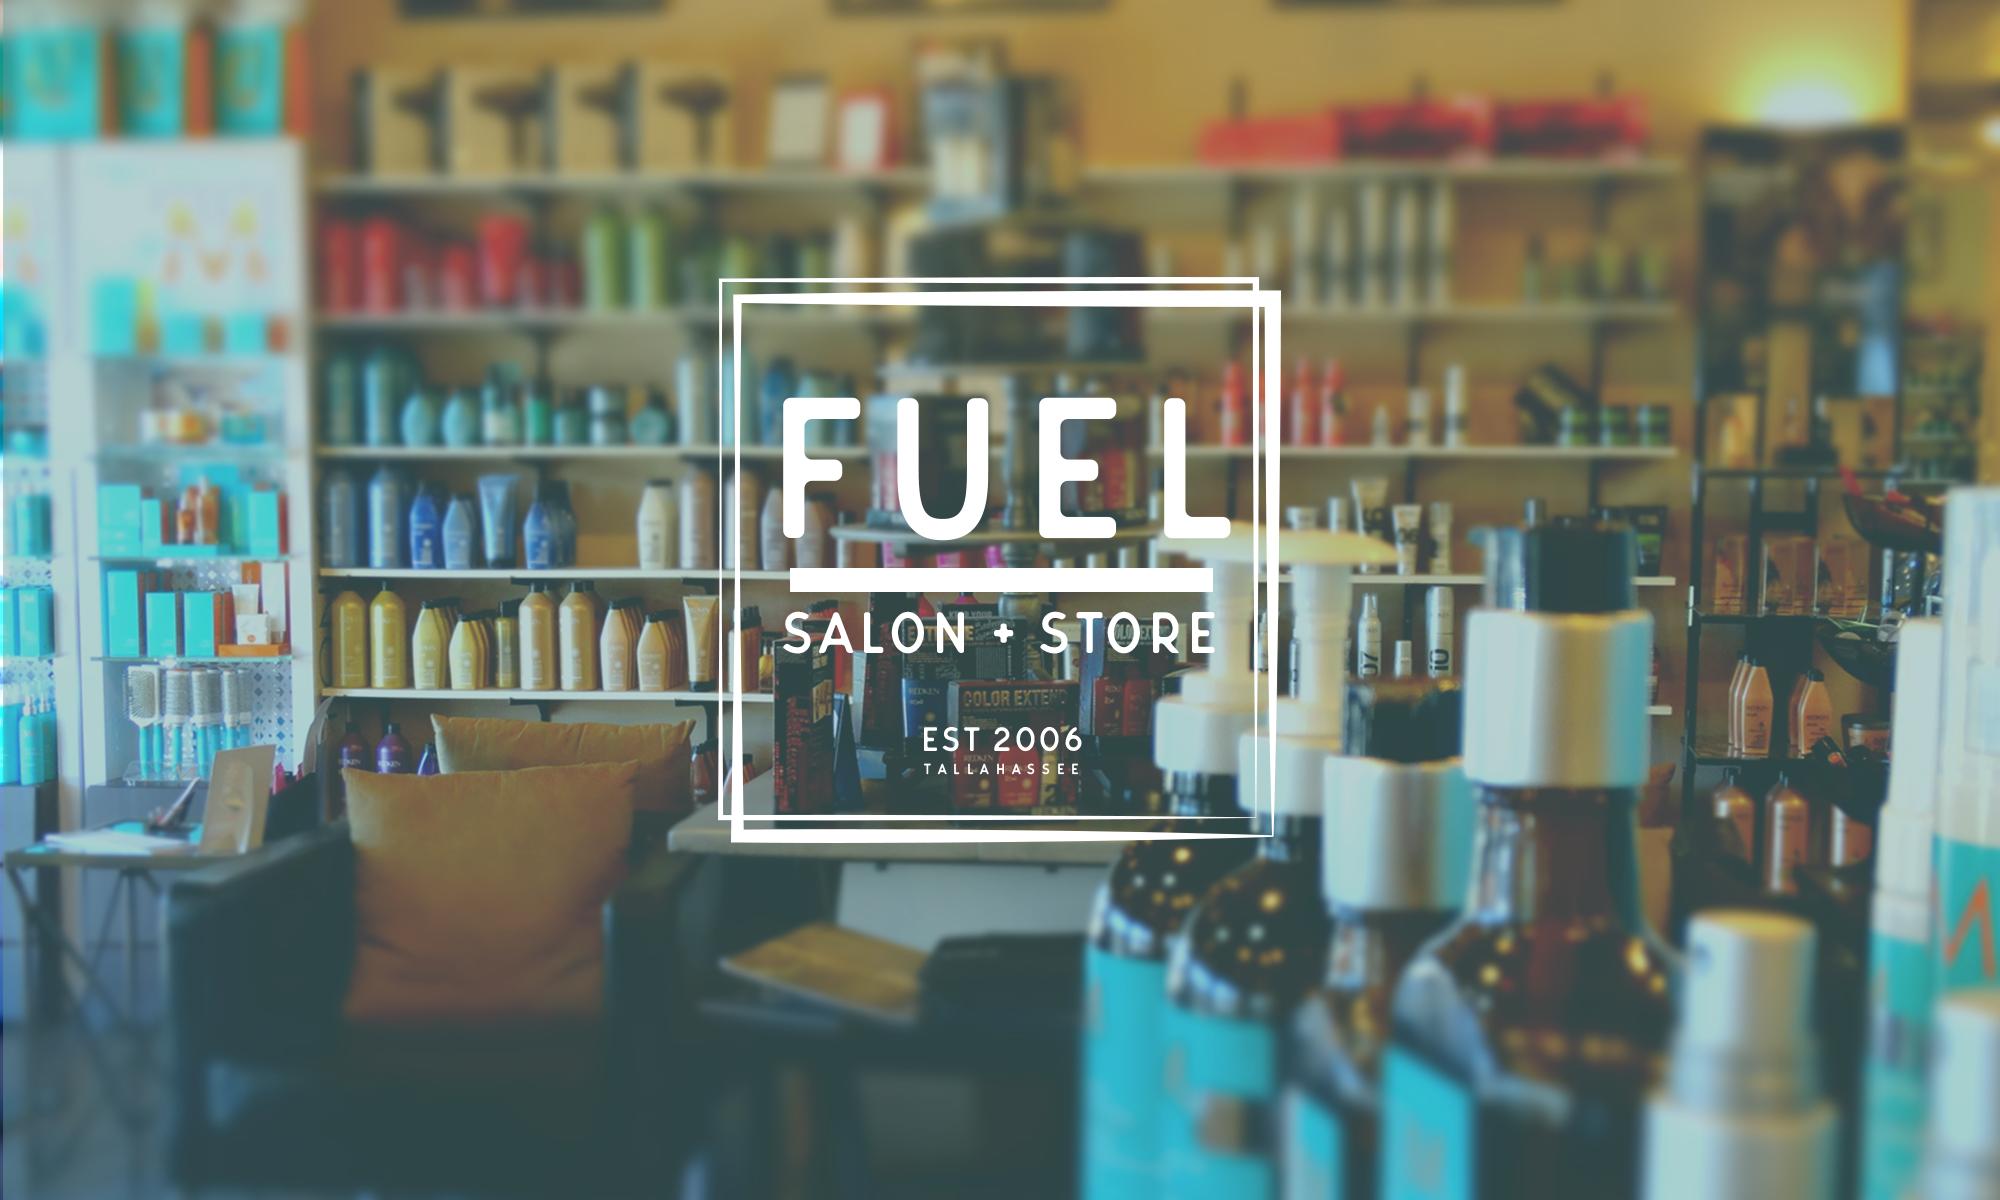 fuel salon + store